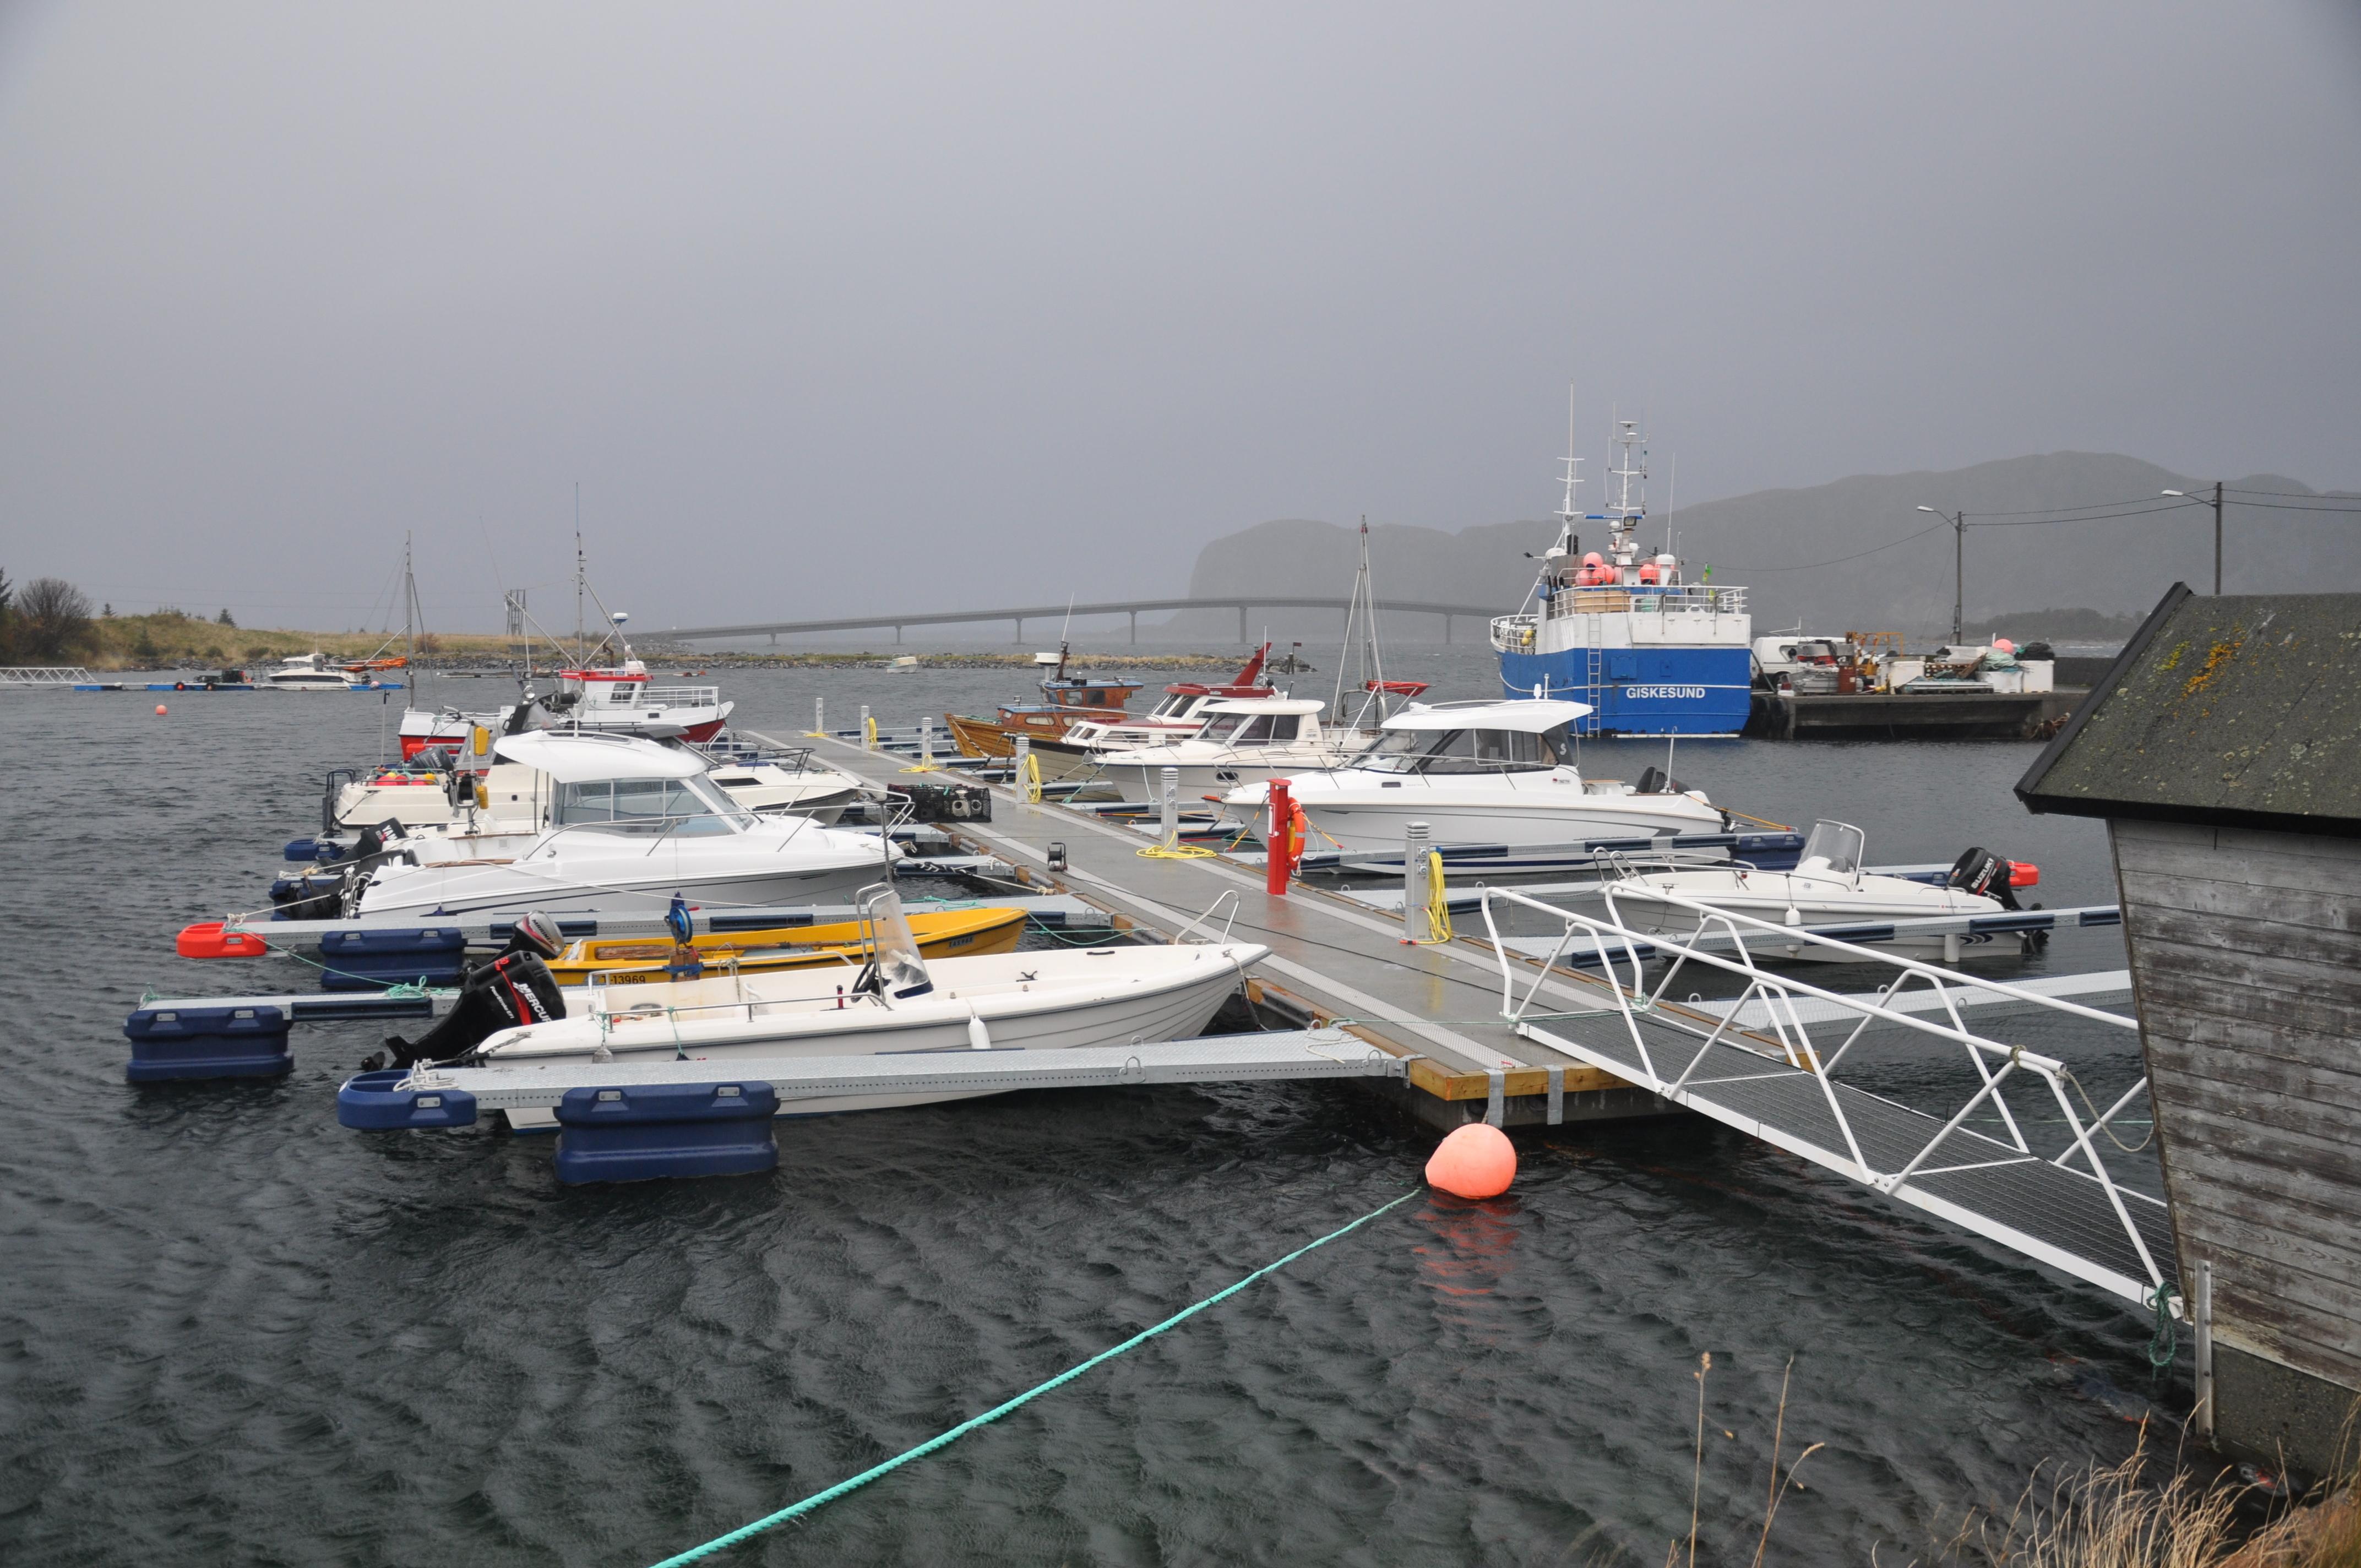 https://marinasolutions.no/uploads/Giskegjerde-Småbåtforening.JPG